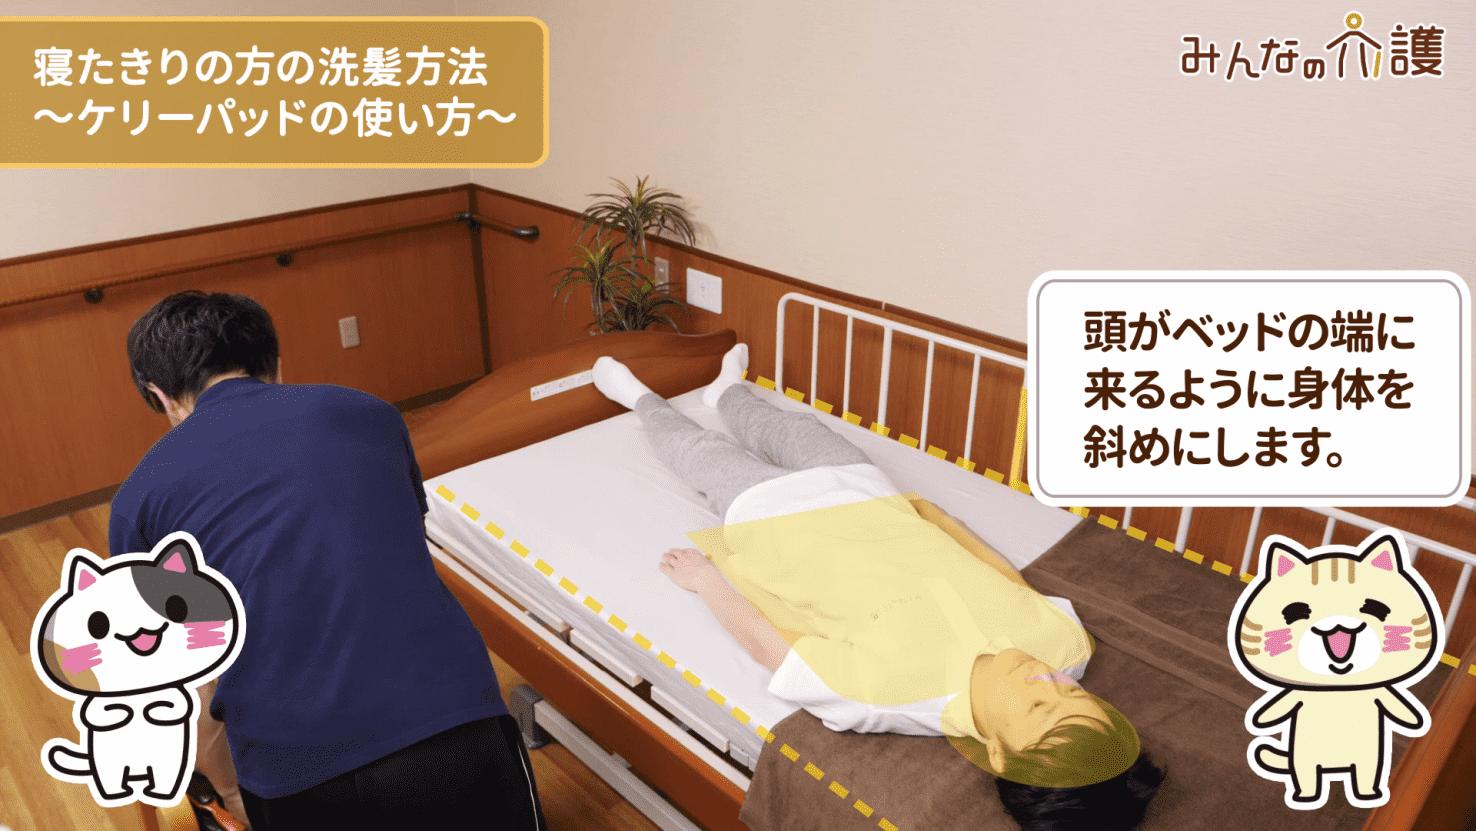 ベッド上でバスタオルをセッティングする